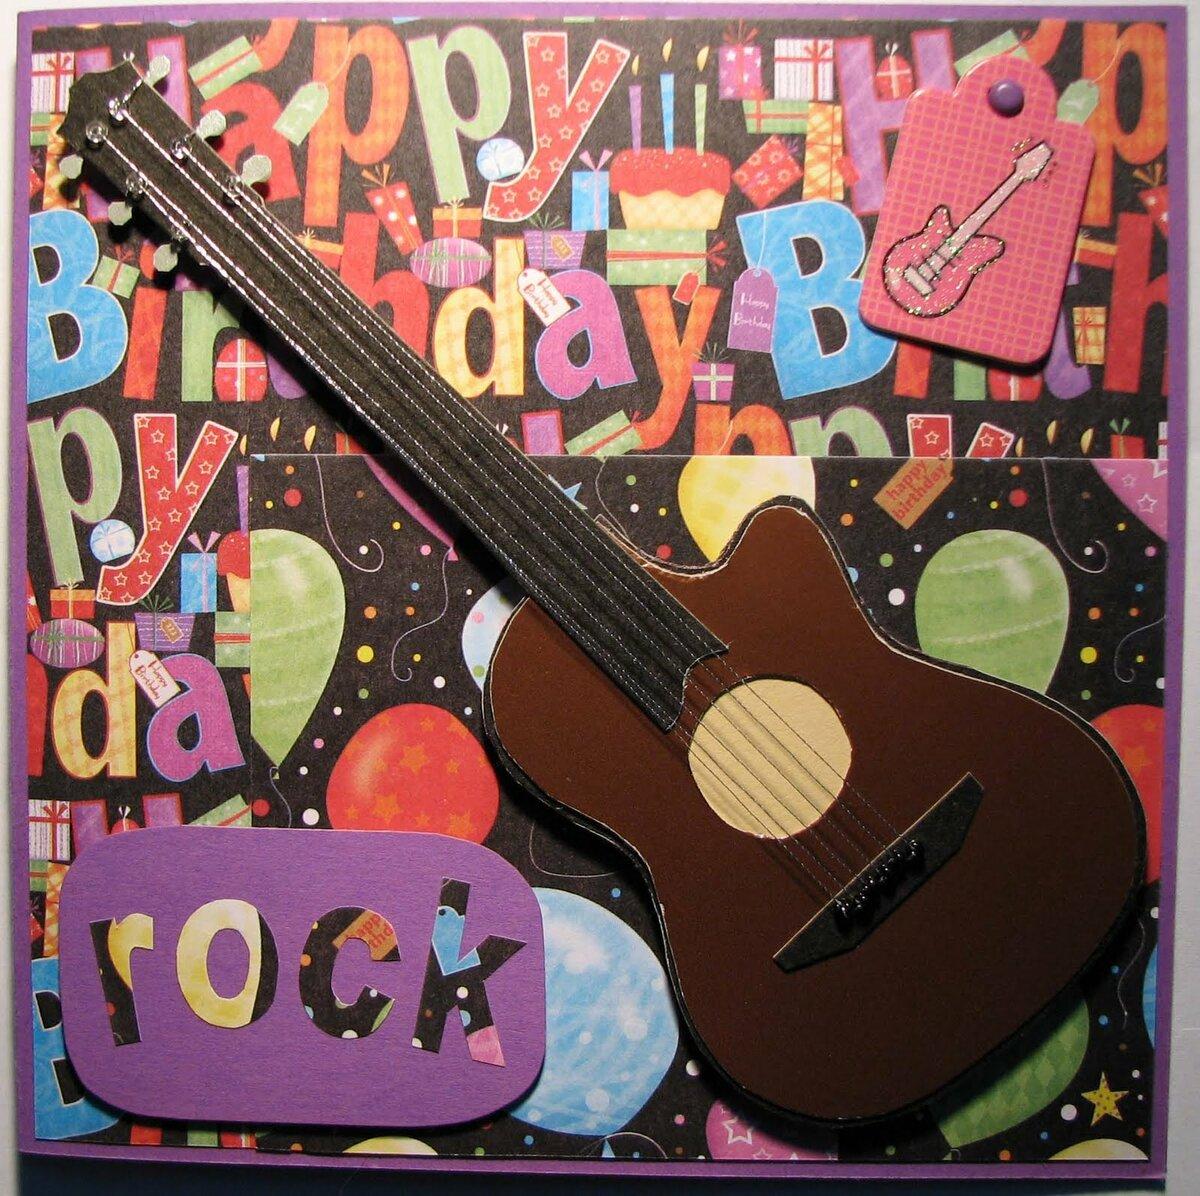 прекрасна, с днем рождения гитарист прикольные картинки отметить, что